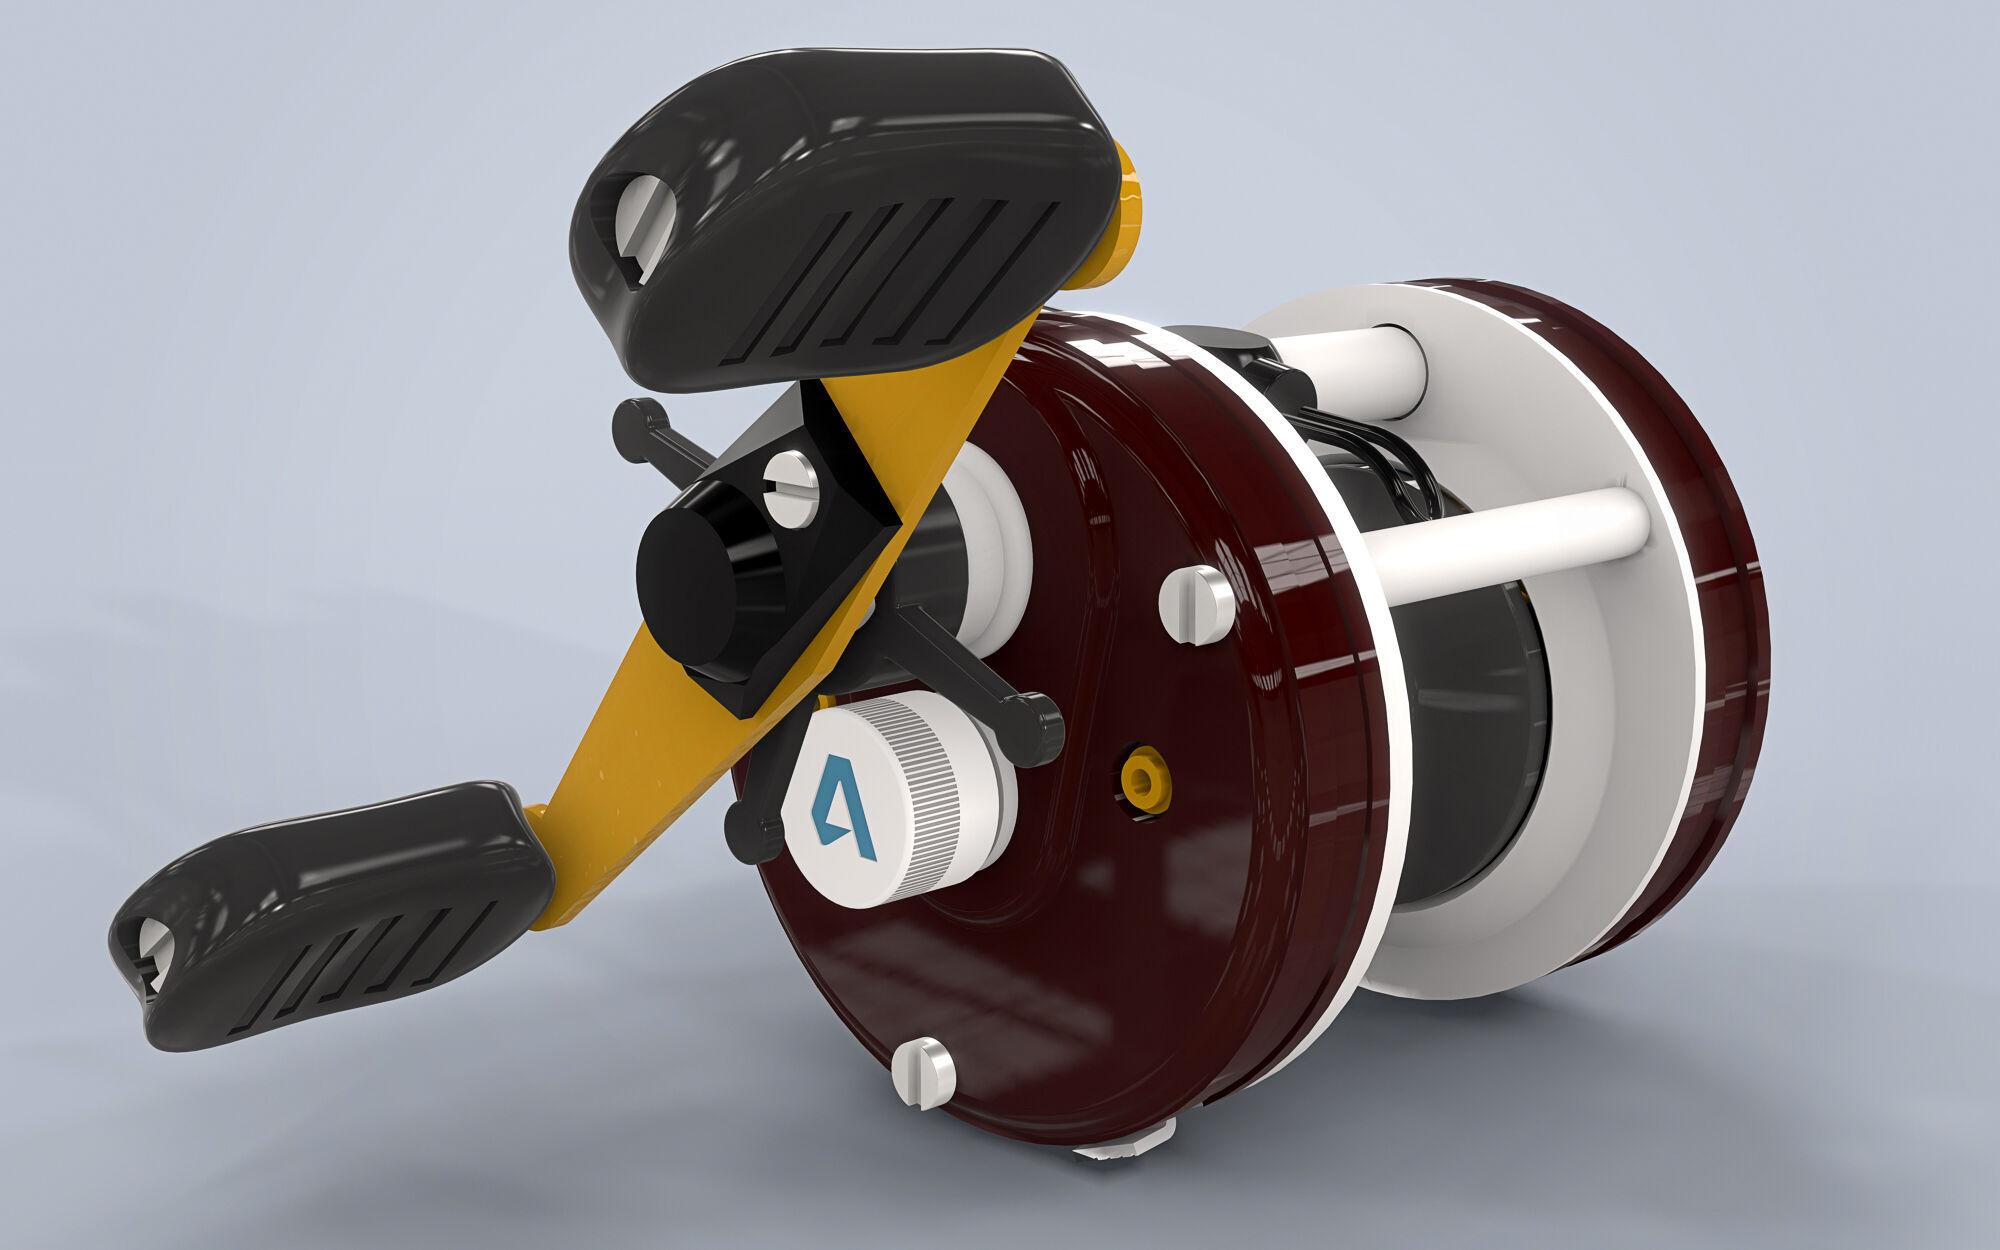 Fishing-rod-2-3500-3500